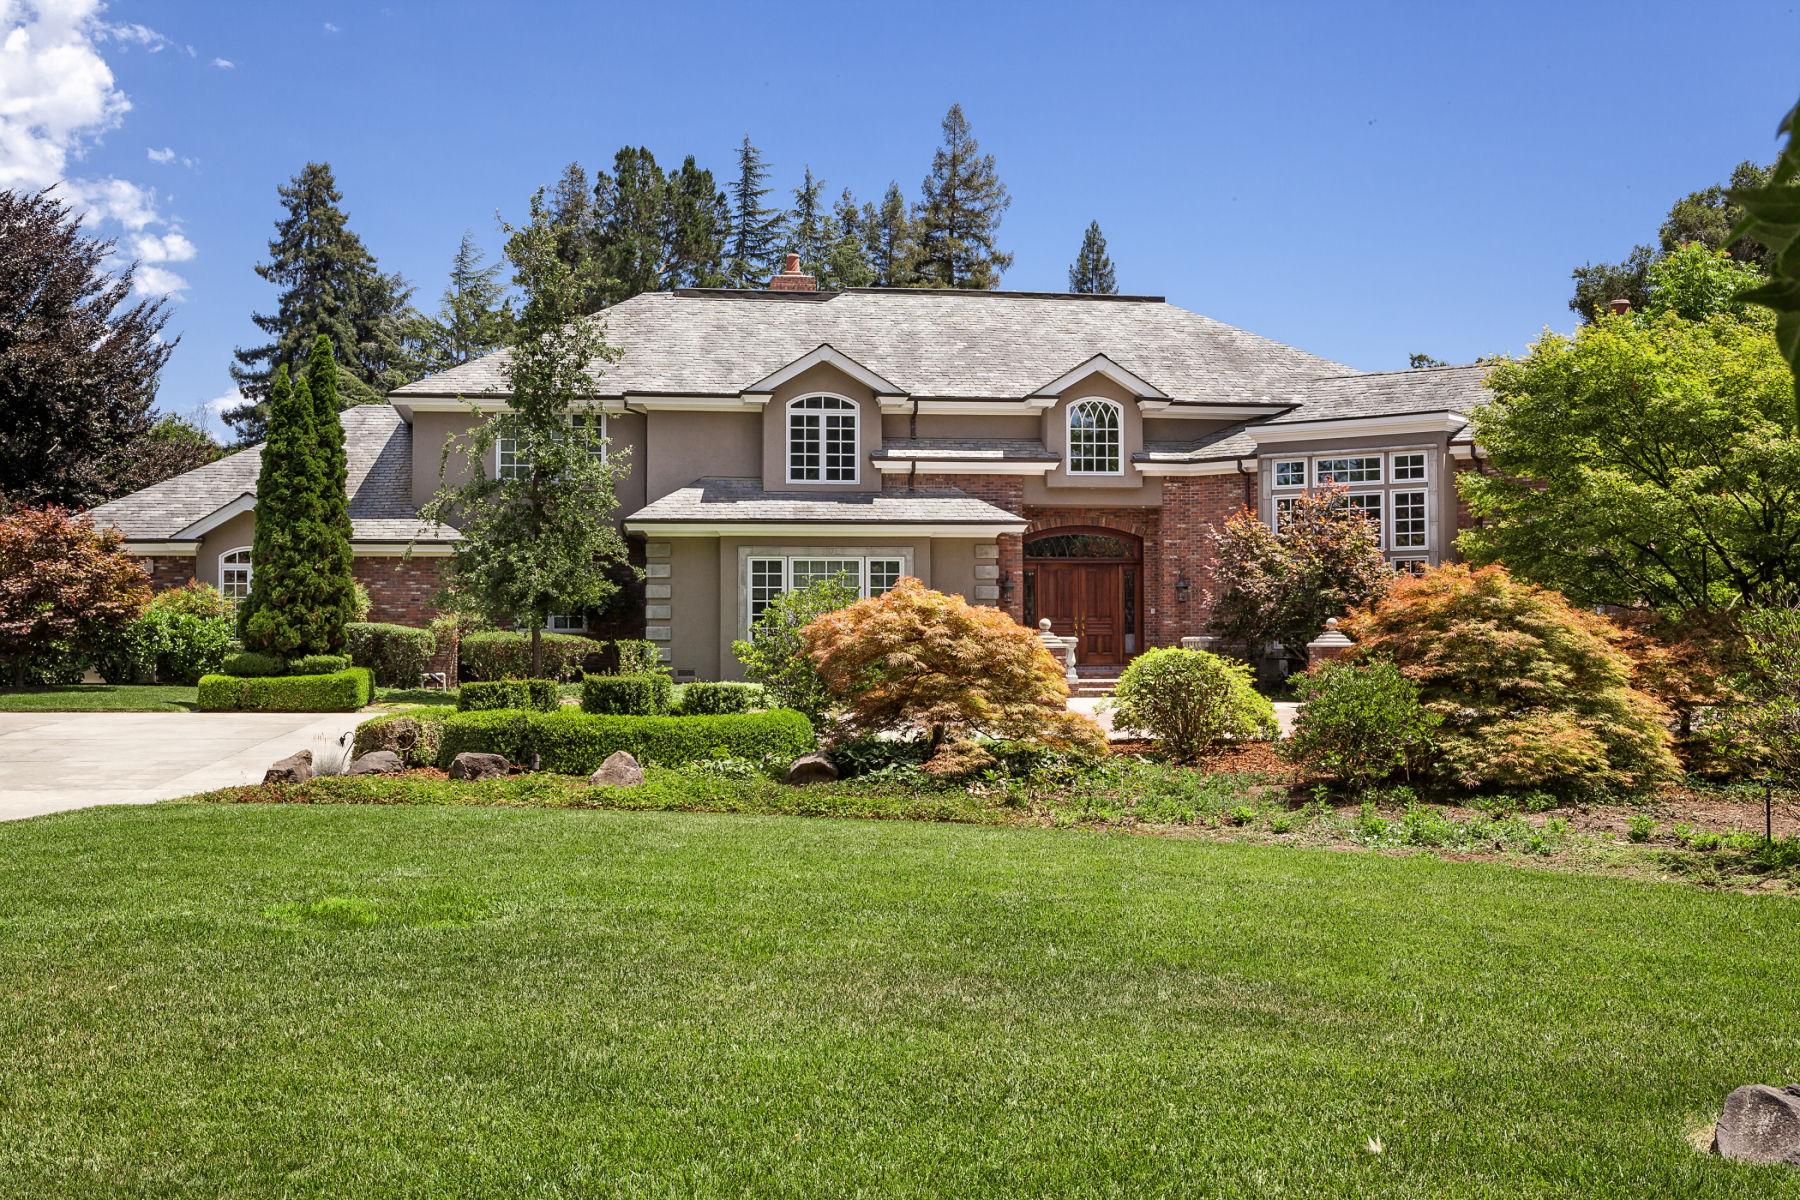 Casa Unifamiliar por un Venta en Tuscaloosa 141 Tuscaloosa Av Atherton, California 94027 Estados Unidos